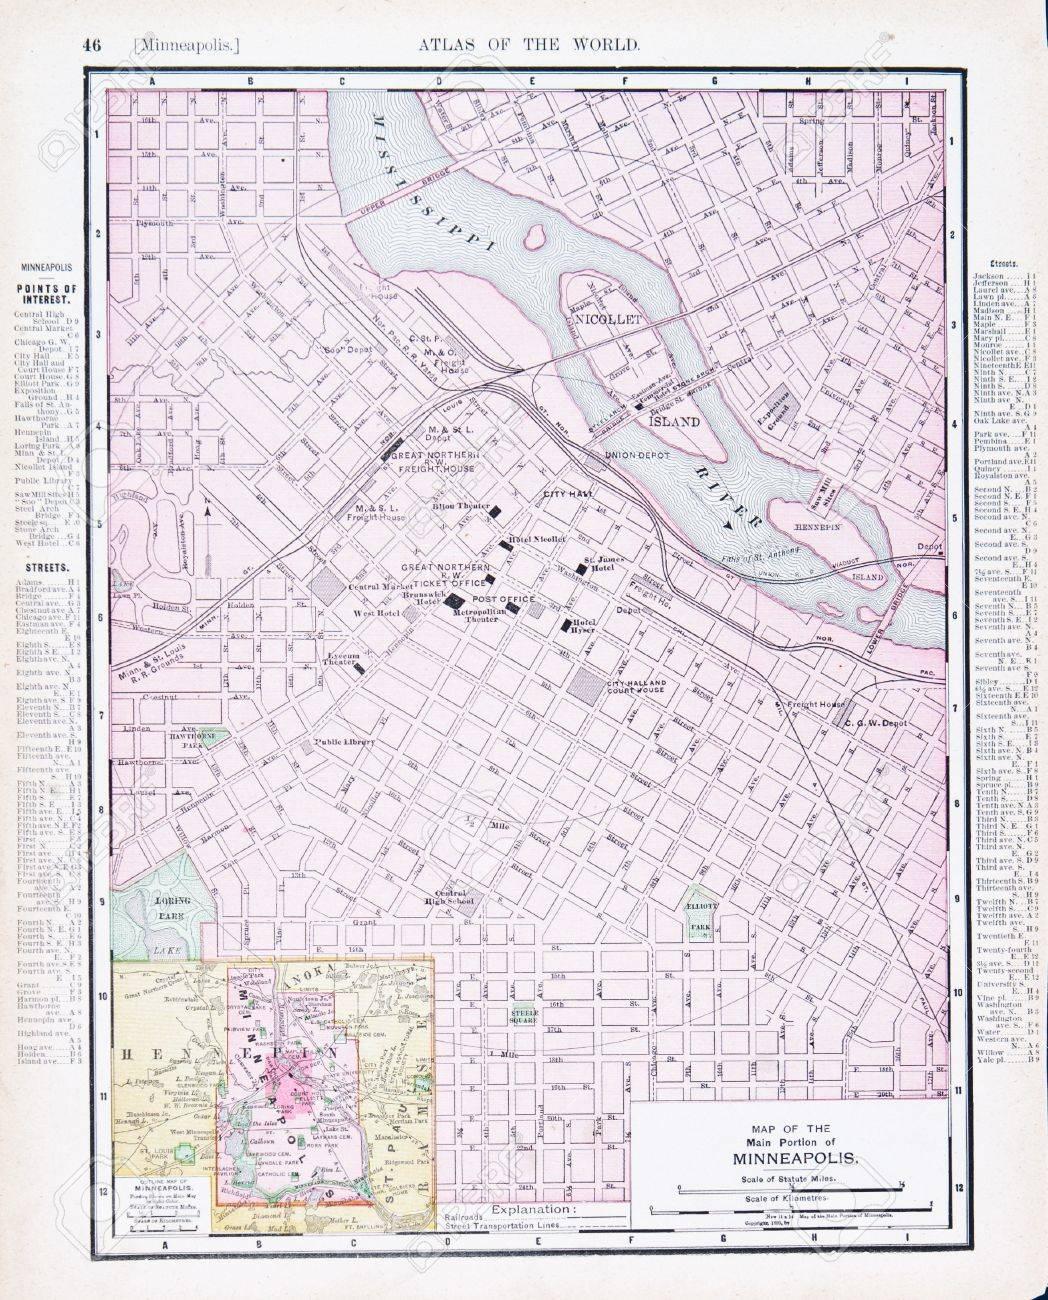 Vintage Map Of Minneapolis Minnesota MN United States - Minneapolis minnesota on us map